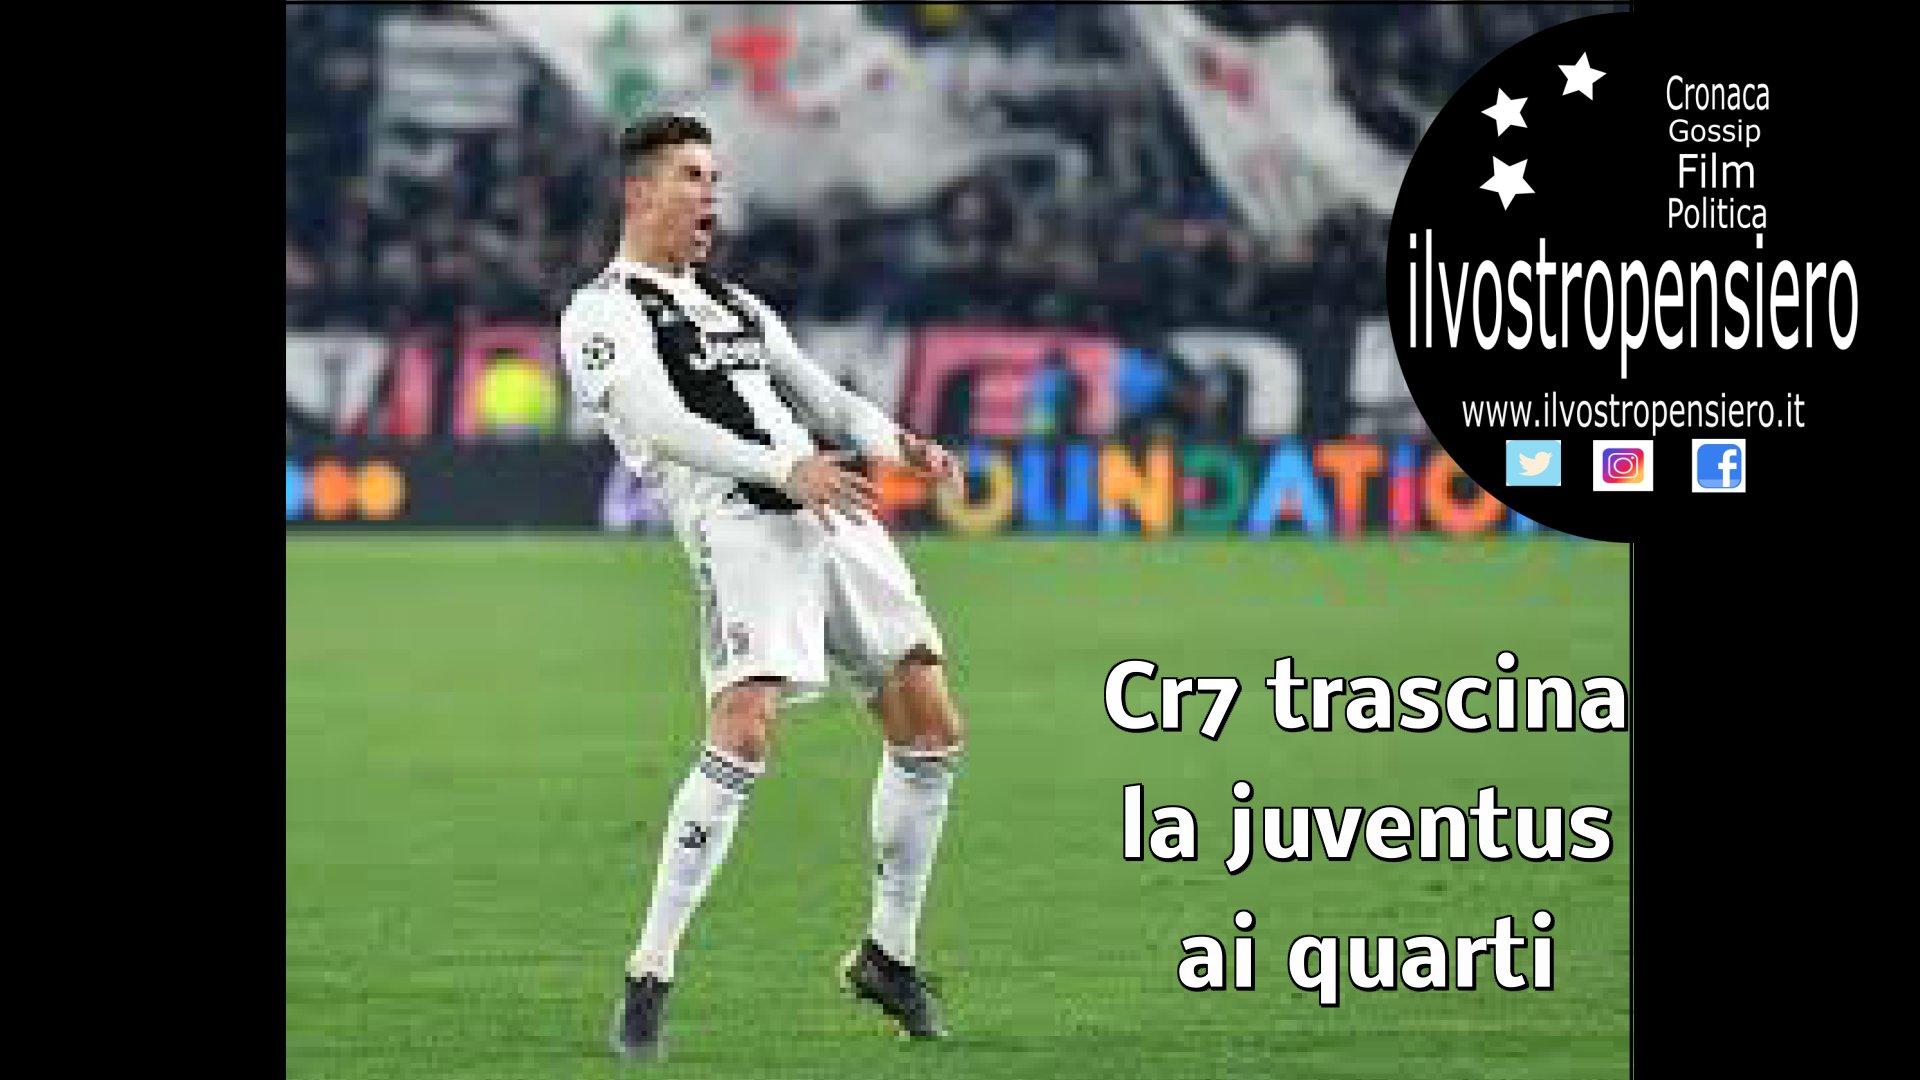 Champions League: Tripletta di Cr7 porta la Juventus nei quarti di finale ( hightlight)